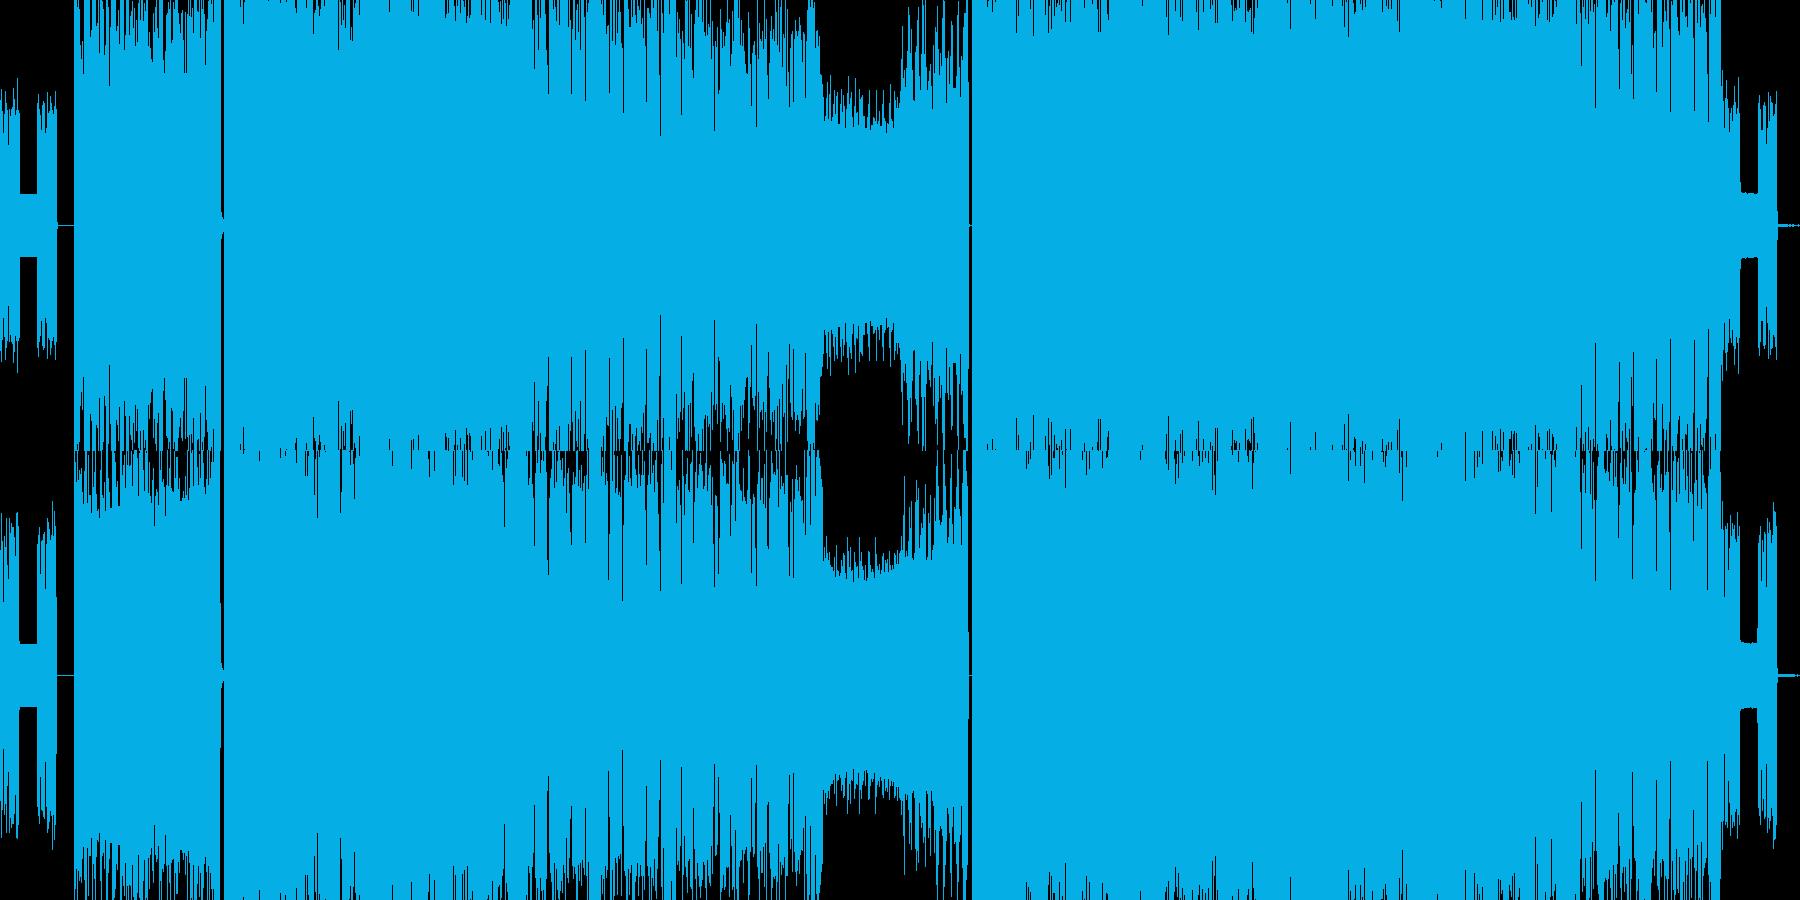 ギターロック メタルの再生済みの波形